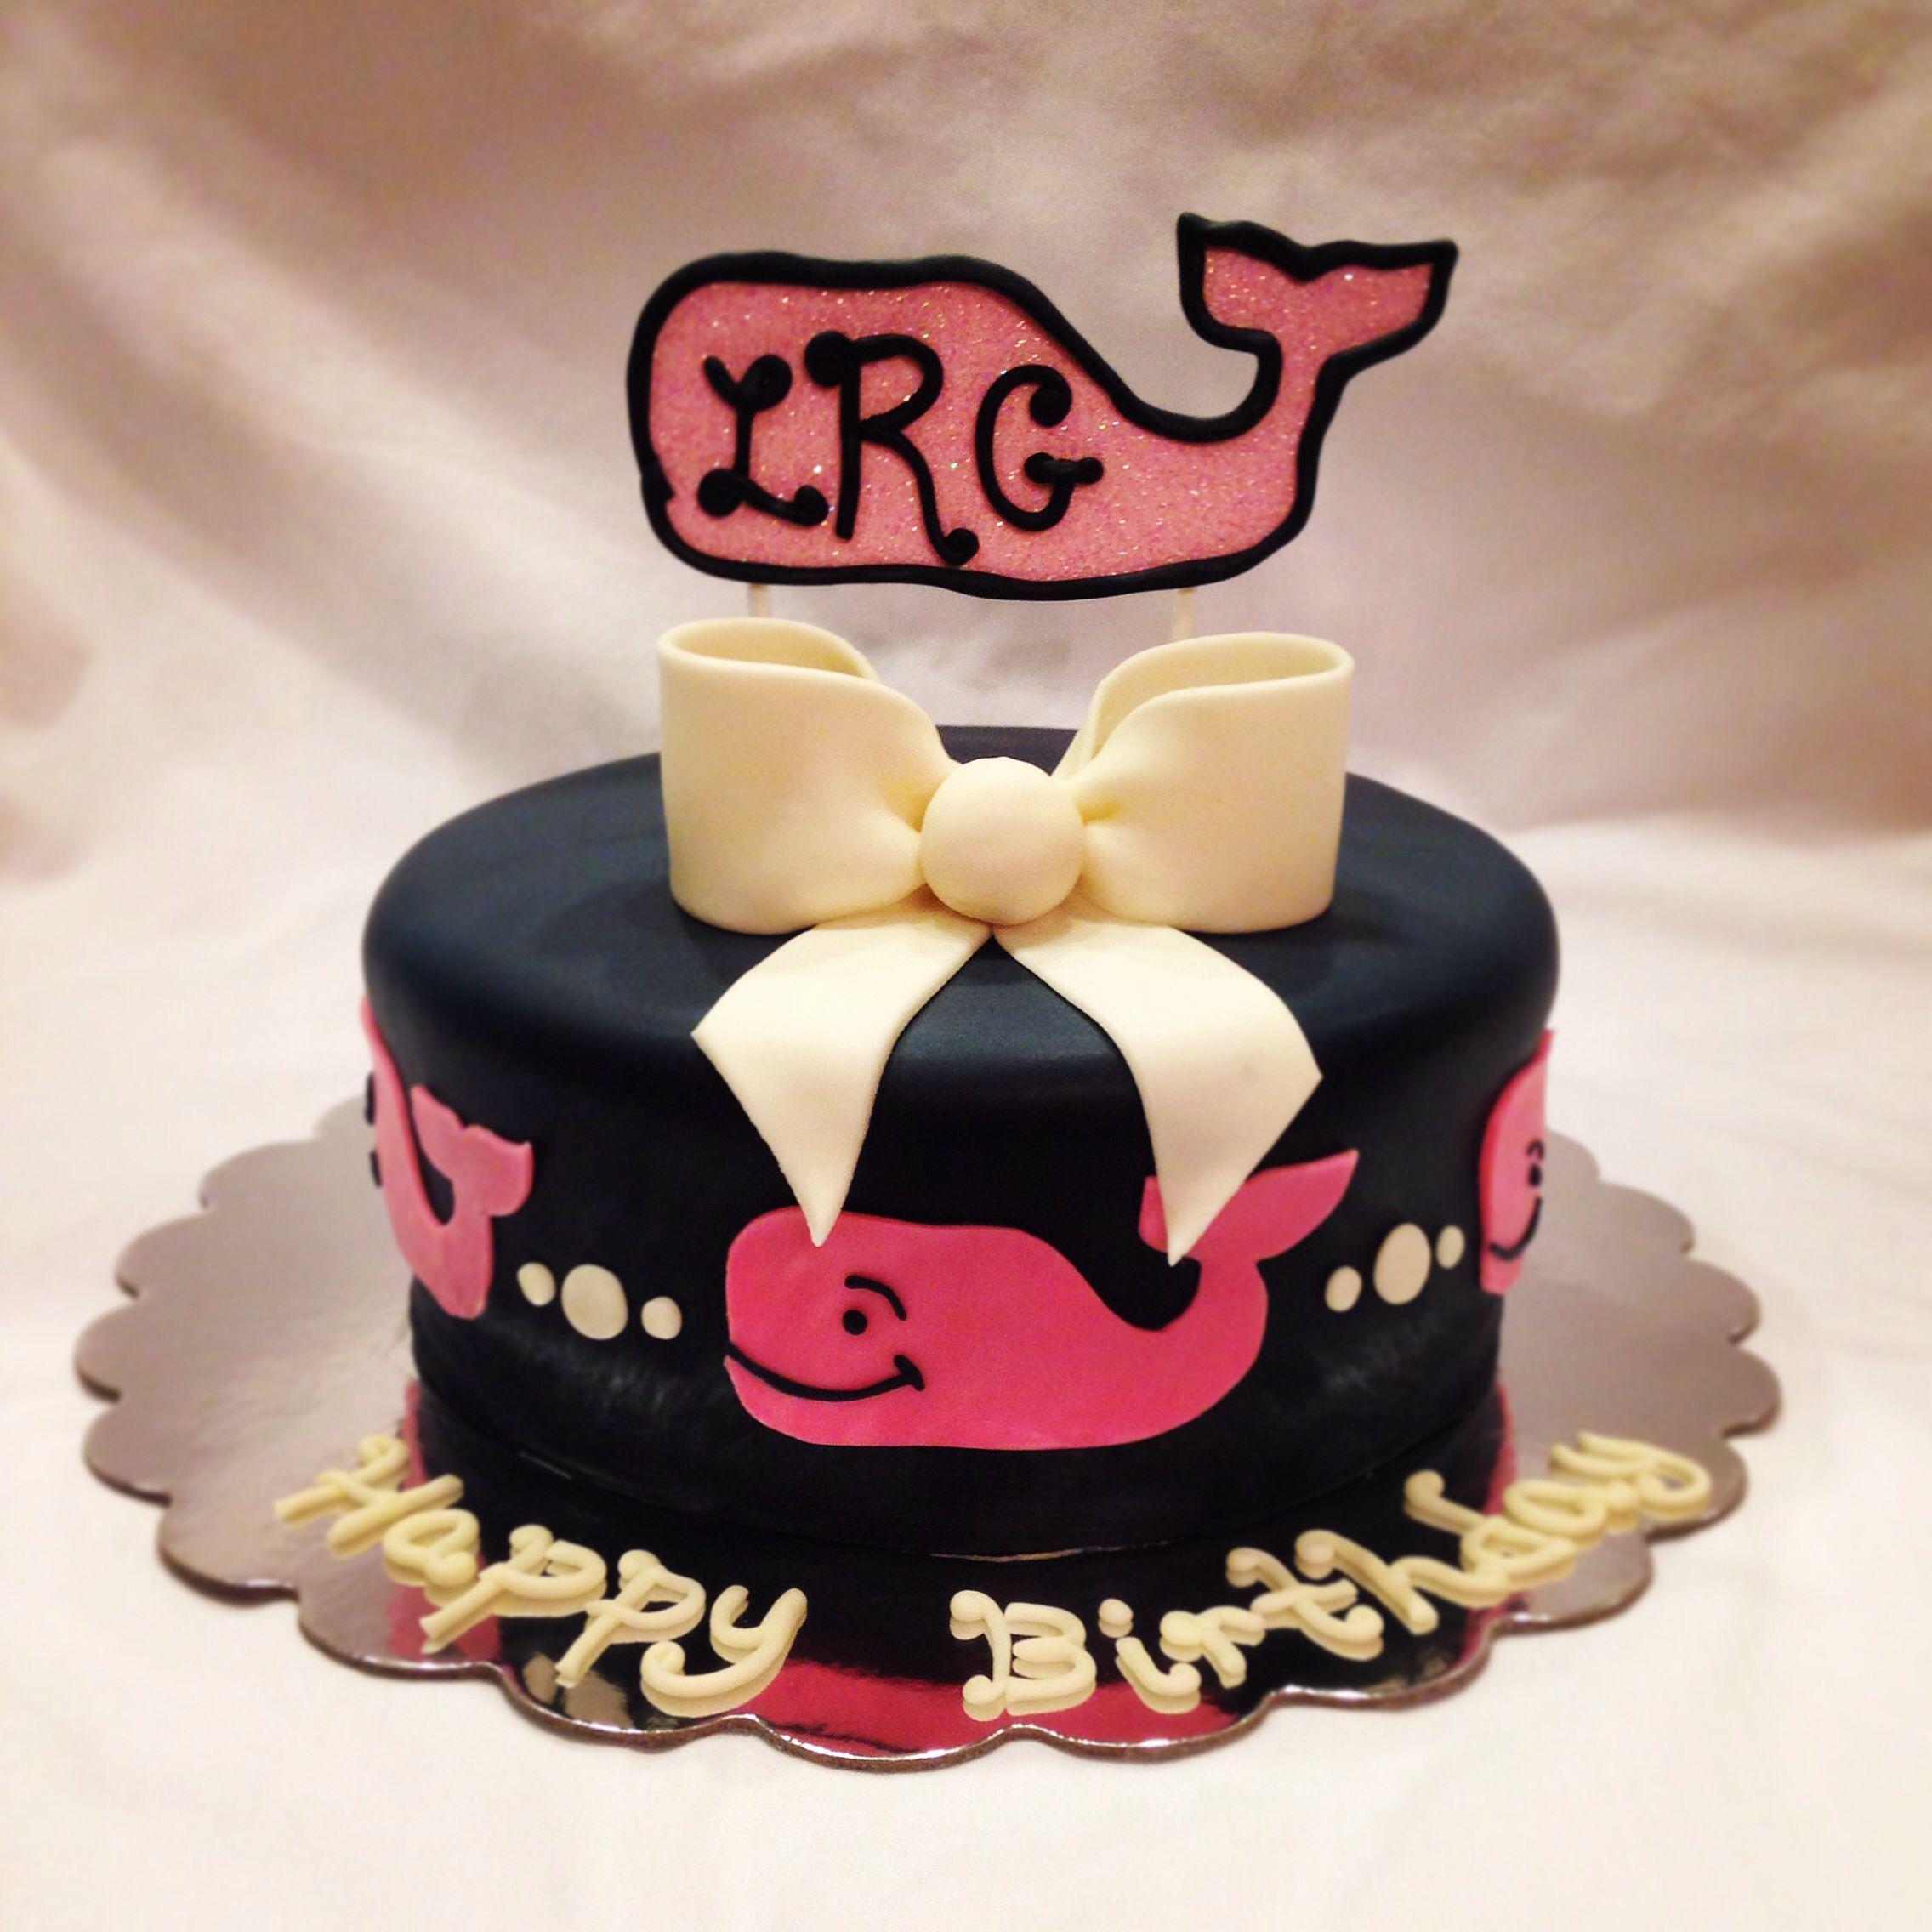 Vineyard Vines Fondant Birthday Cake!